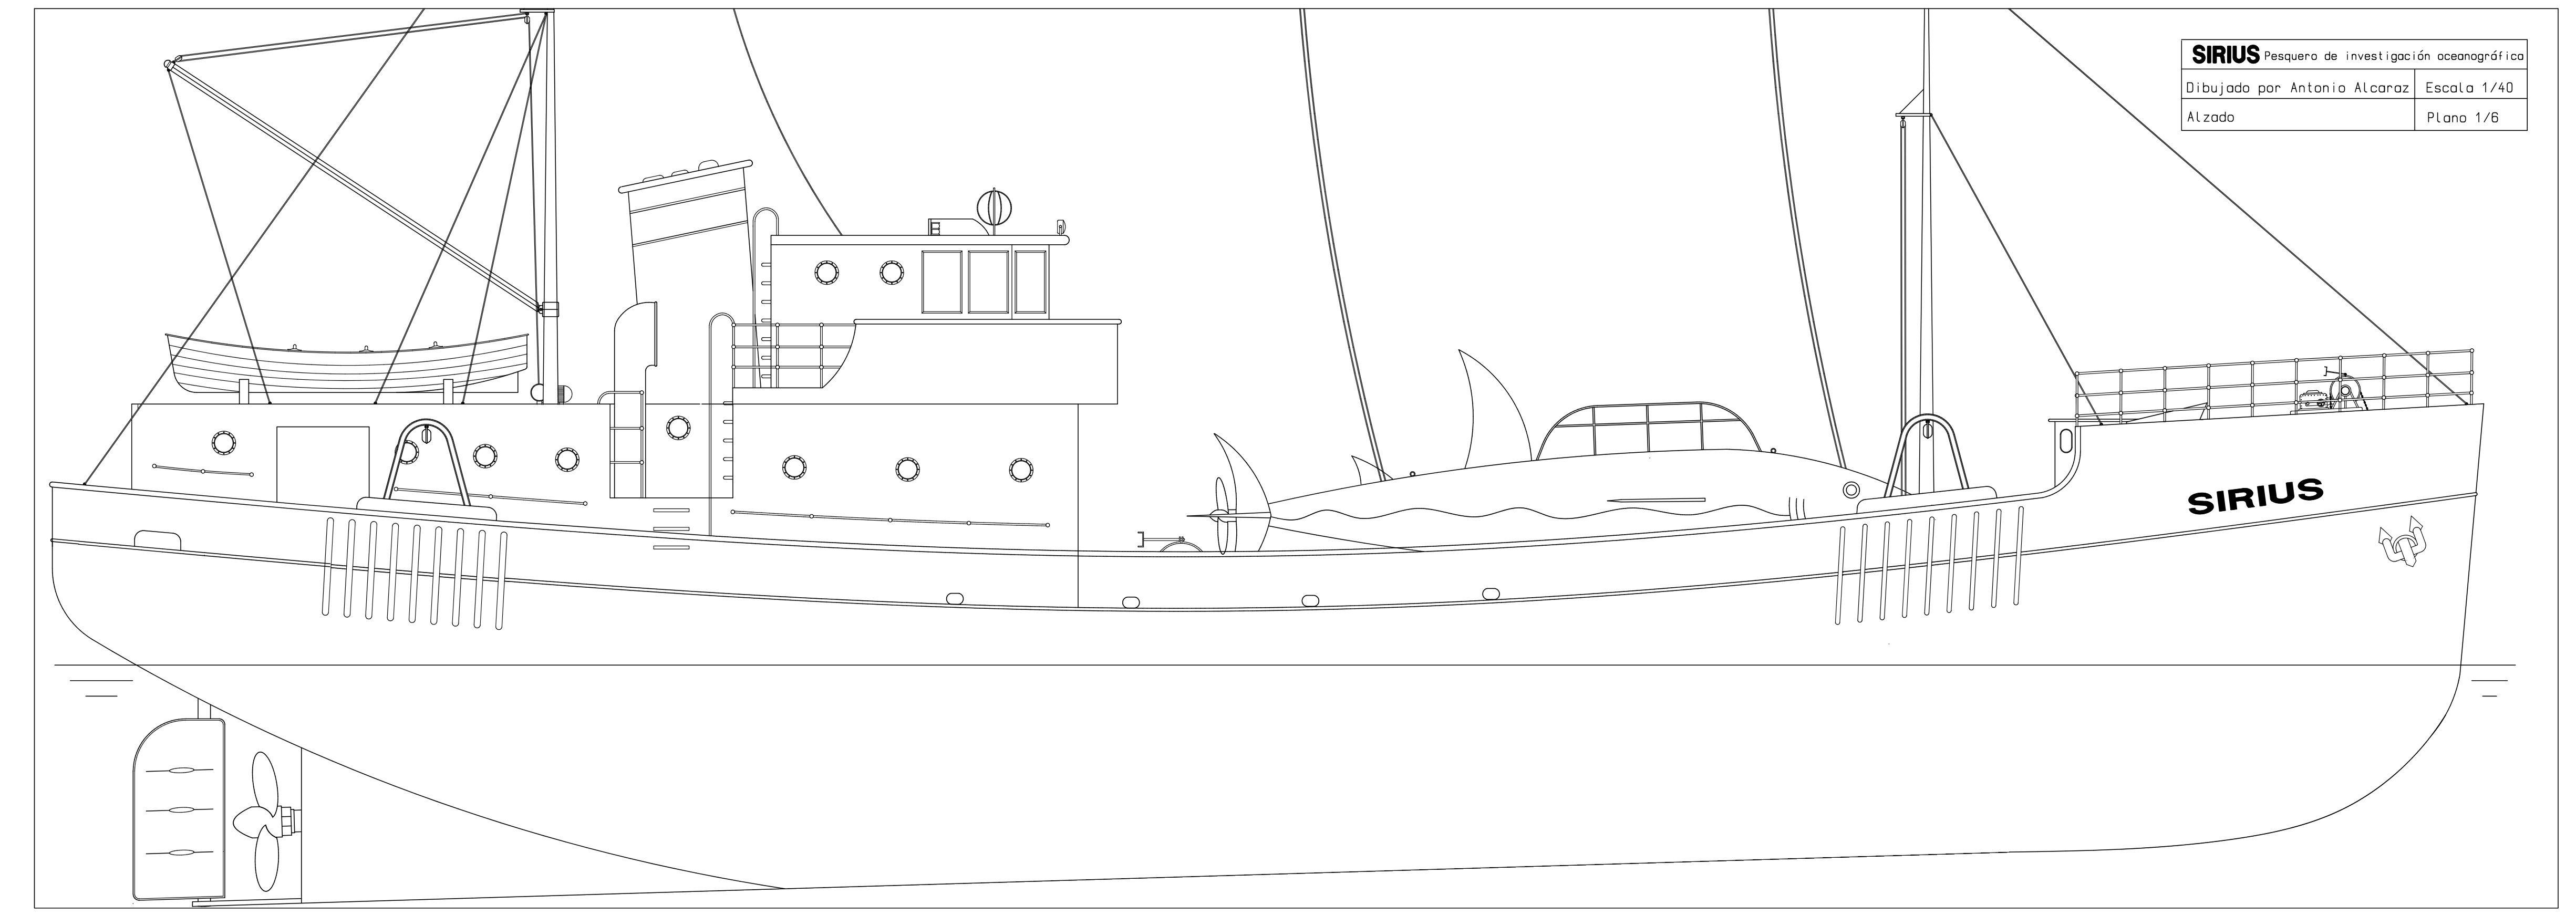 r u00e9sultats de recherche d u0026 39 images pour  u00ab modelismo naval